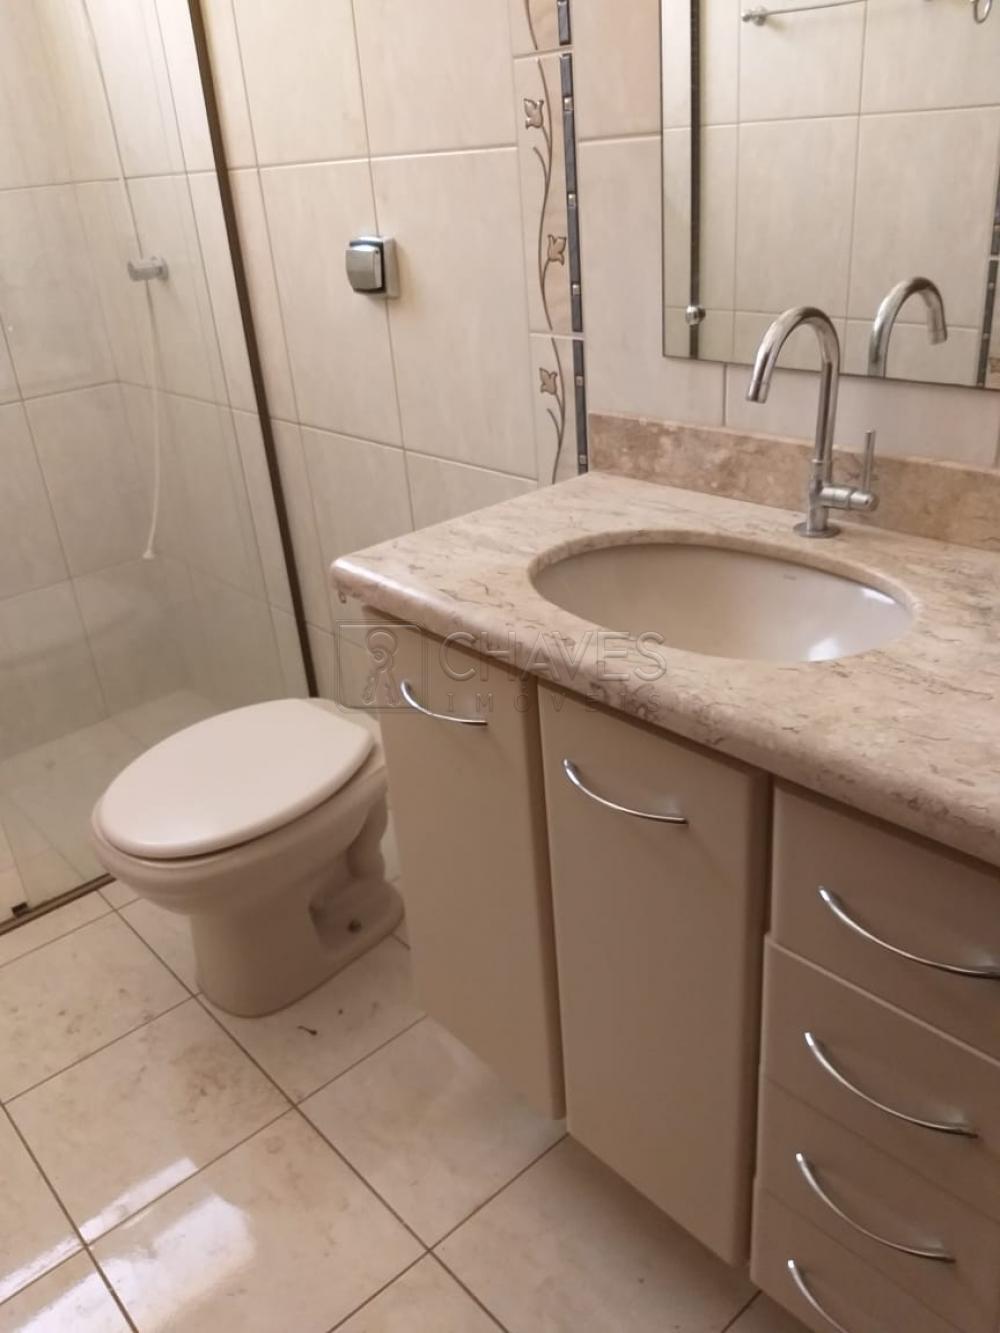 Comprar Casa / Condomínio em Bonfim Paulista apenas R$ 550.000,00 - Foto 17